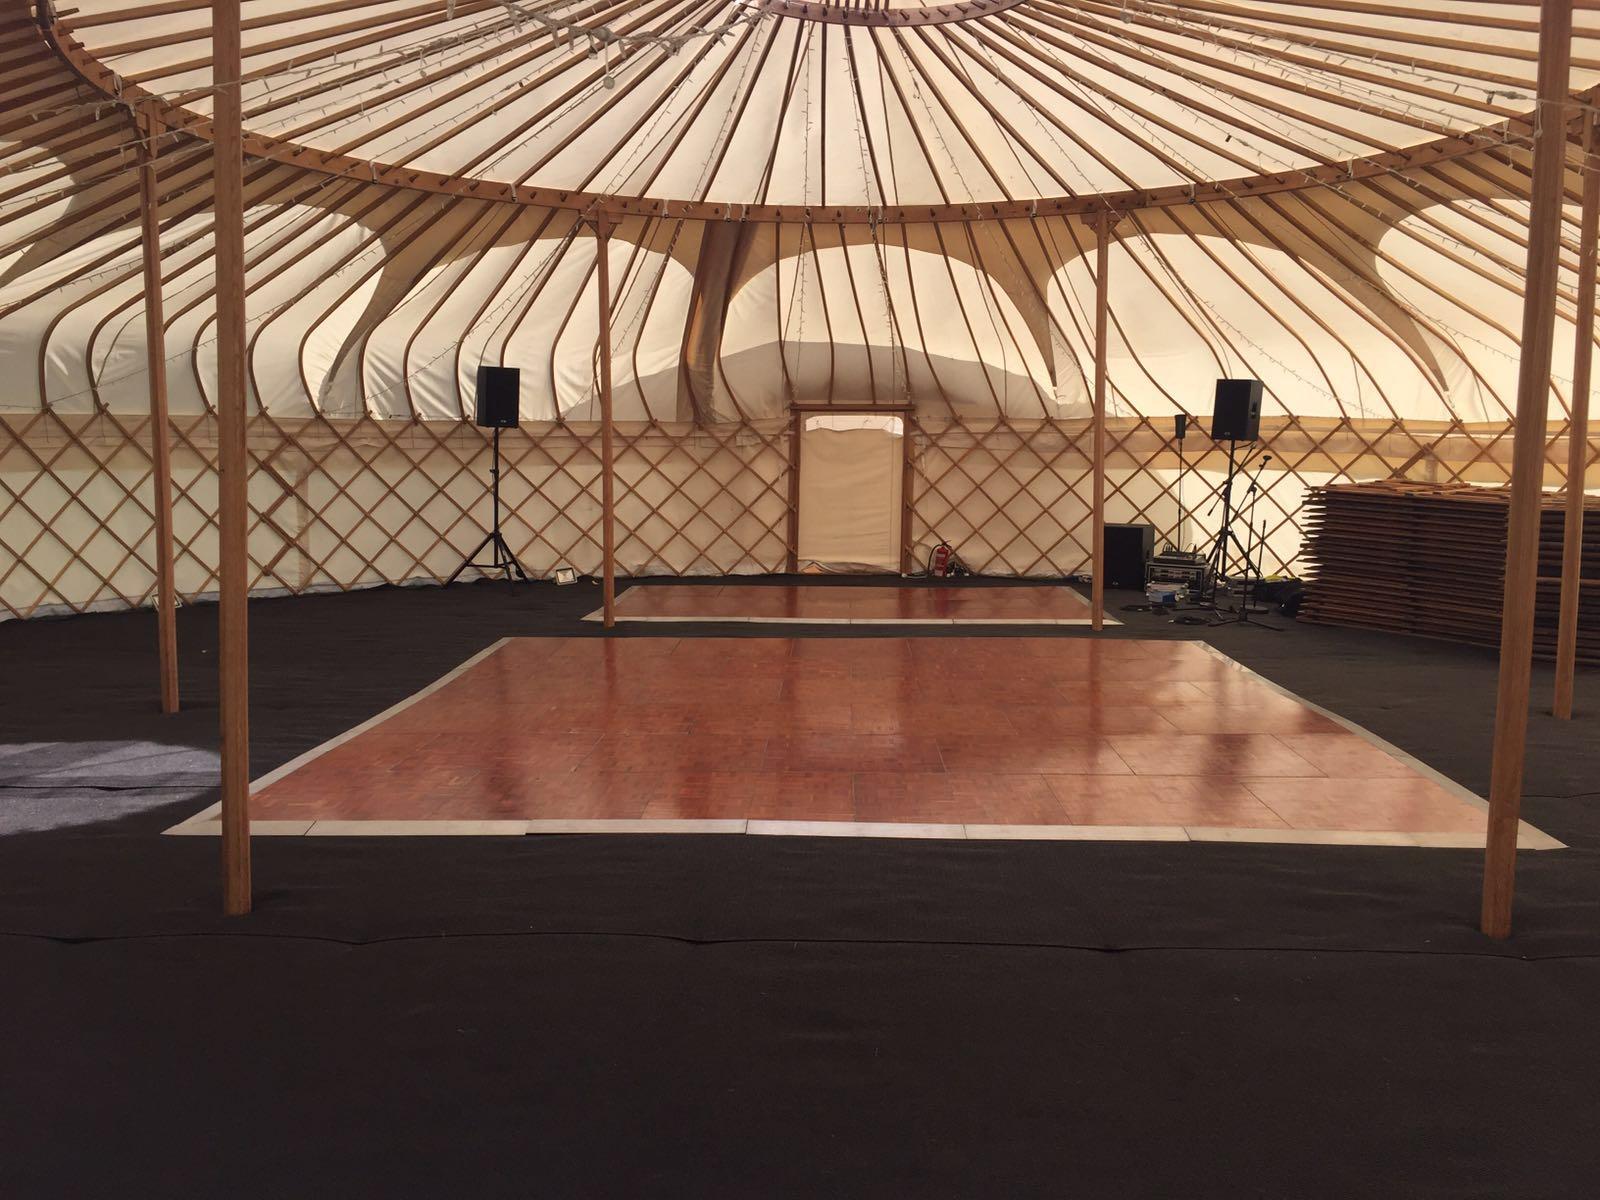 Parquet Dance Floors To Hire Interlocking Dance Floor